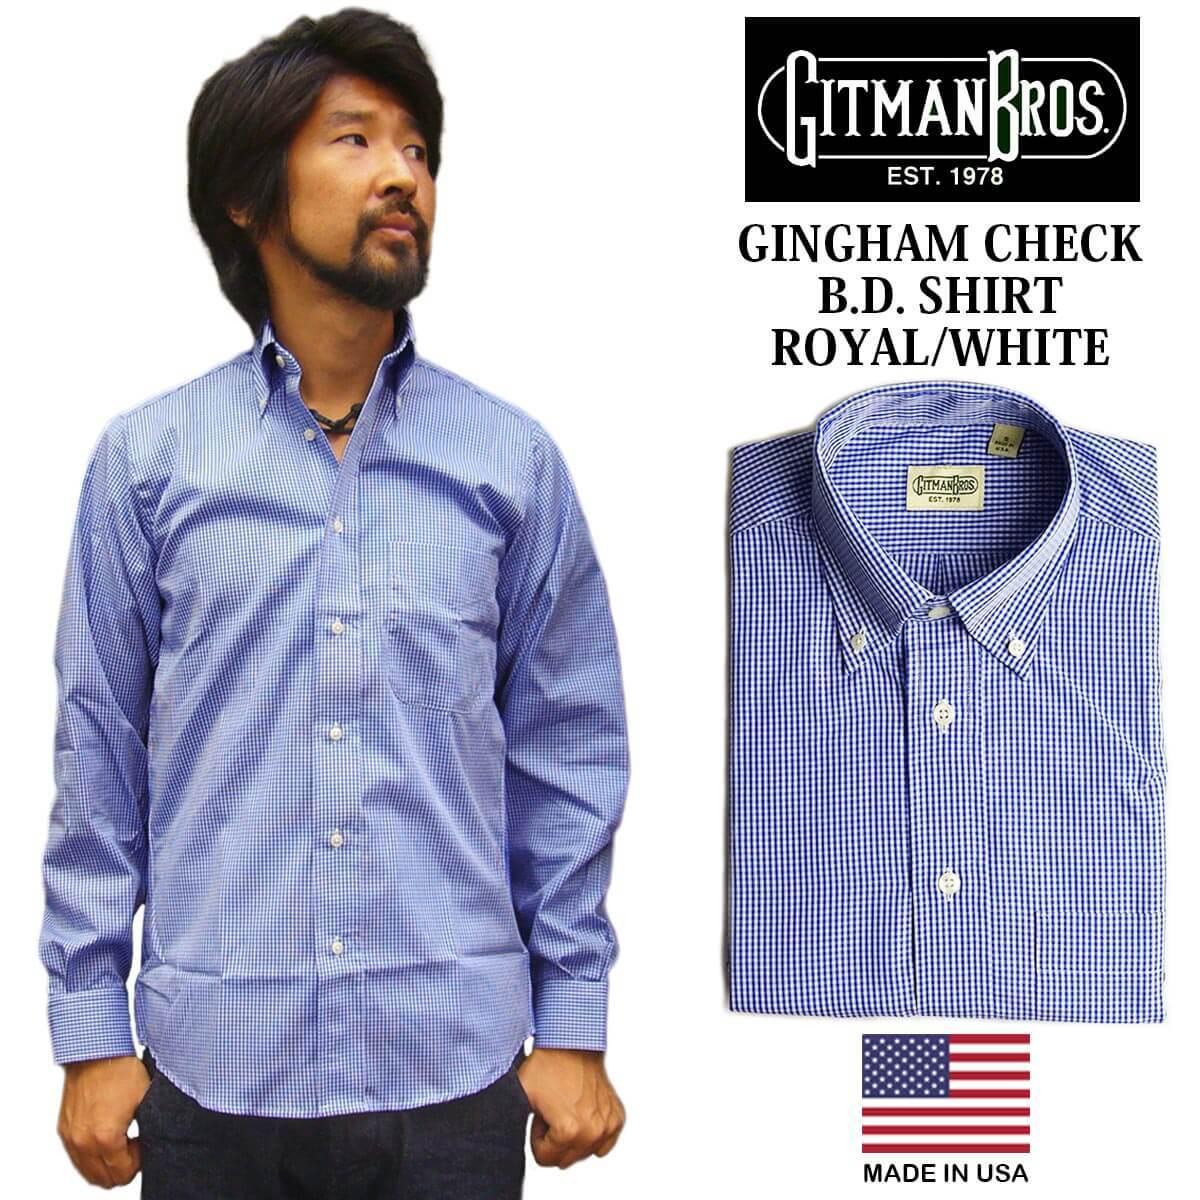 ギットマン ブラザーズ Gitman Bros. ギンガムチェック ボタンダウンシャツ ロイヤル/ホワイト (アメリカ製 米国製 GINGHAM CHECK B.D. SHIRT 長袖)